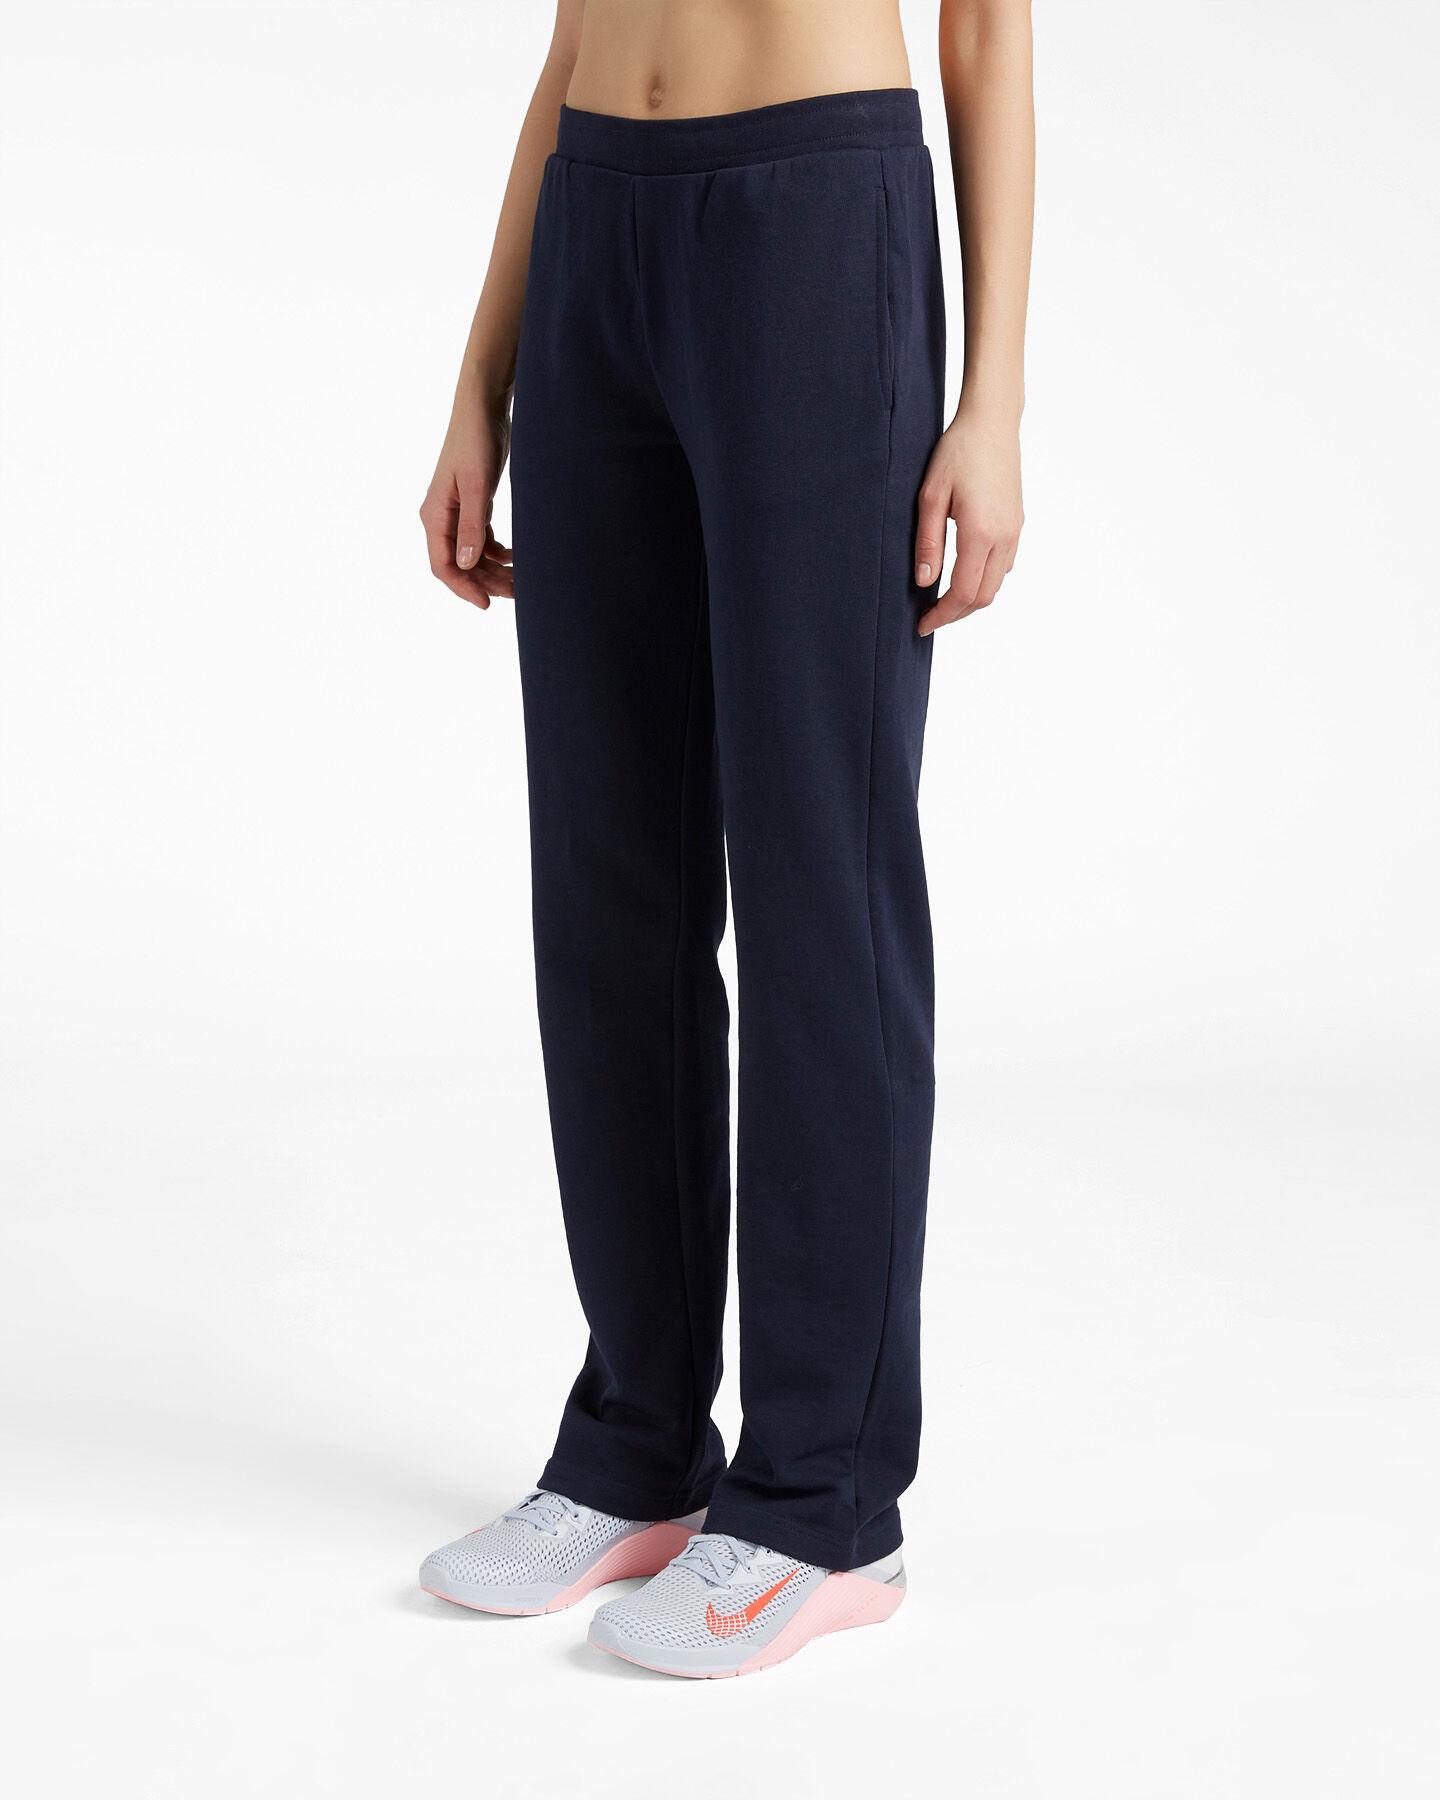 Pantalone ABC STRAIGHT W S5296358 scatto 2